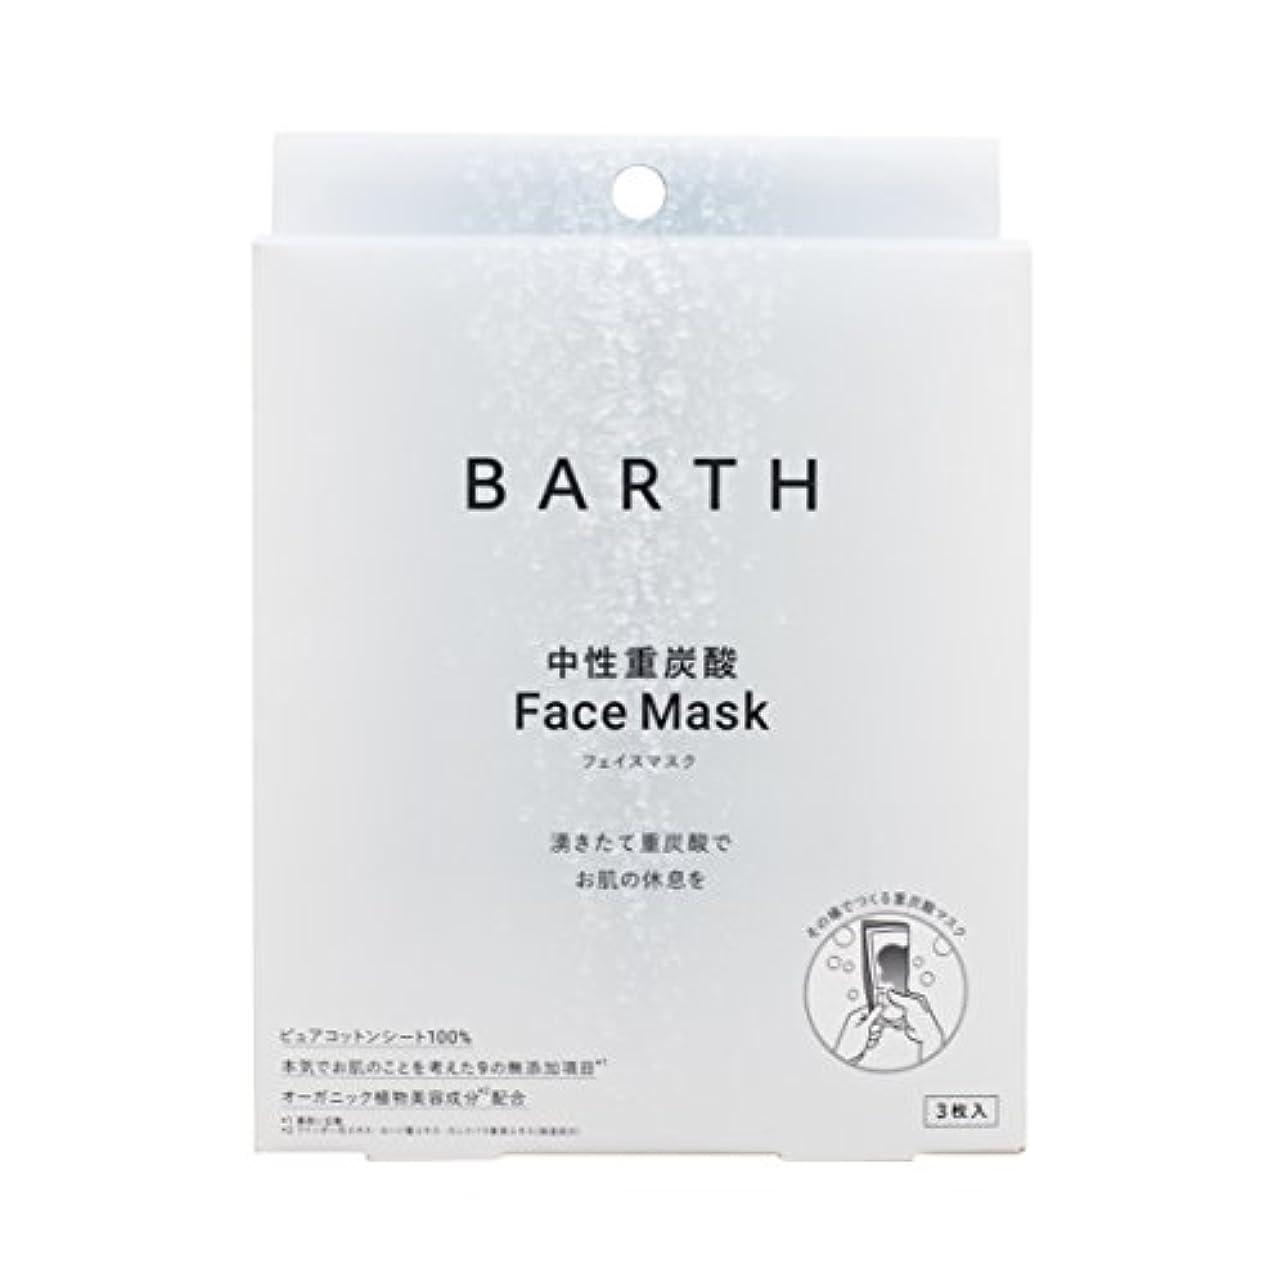 スパーク従順な勝利BARTH【バース】 中性 重炭酸 フェイスマスク (無添加 日本製 ピュアコットン 100% オーガニック植物美容成分3種入り) (3包入り)